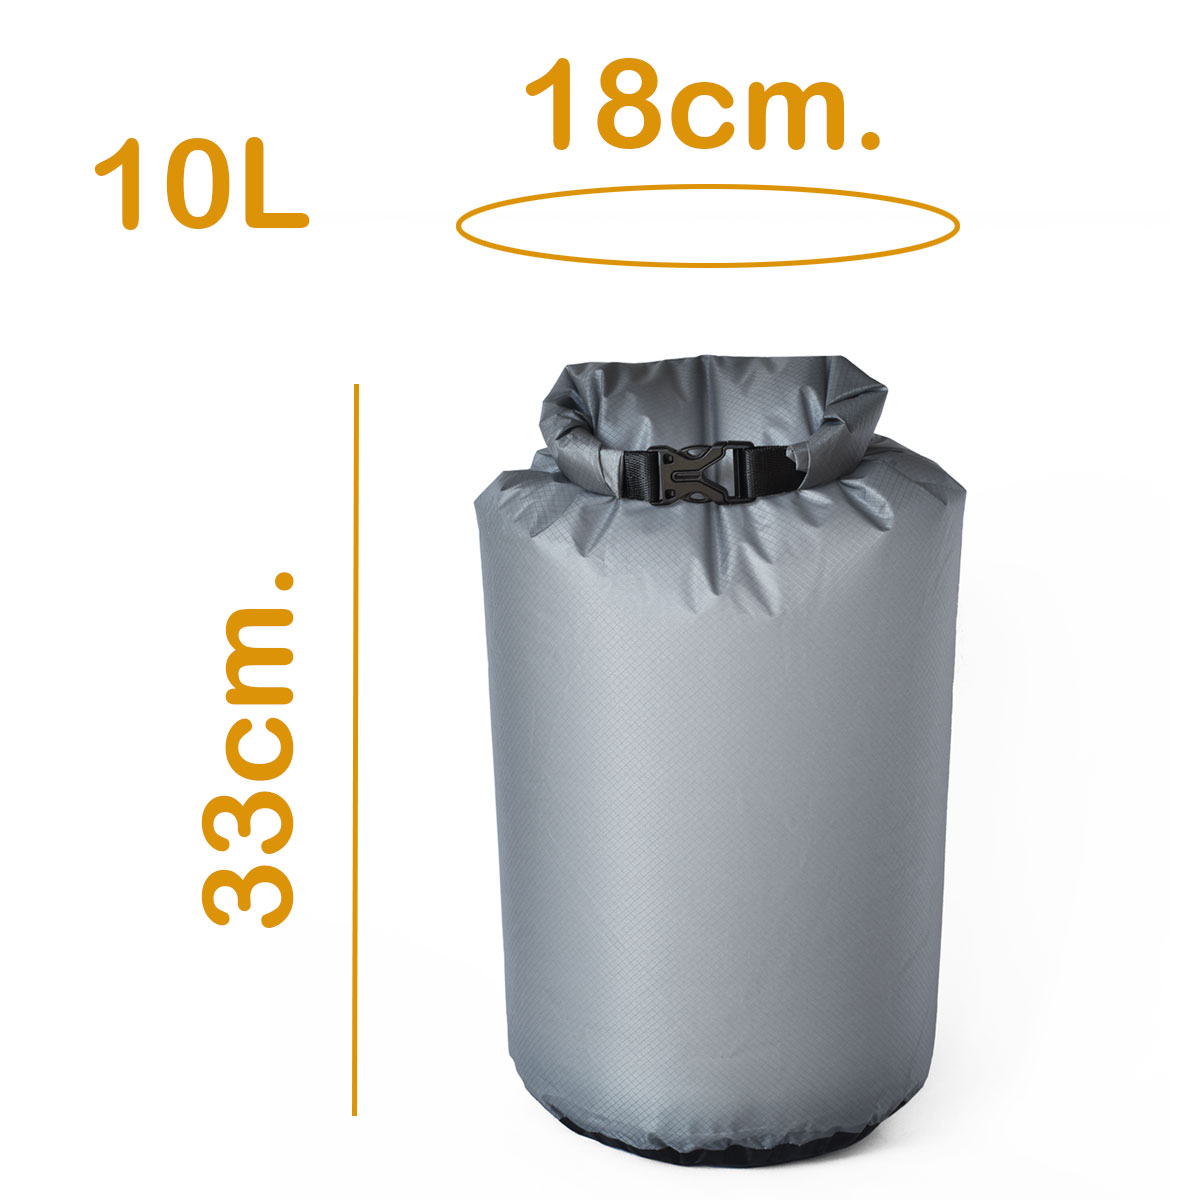 防水 バッグ スタッフバッグ WATER PROOF DRY BAG ドライバッグ 10L メンズ レディース ジュニア 超軽量 送料無料